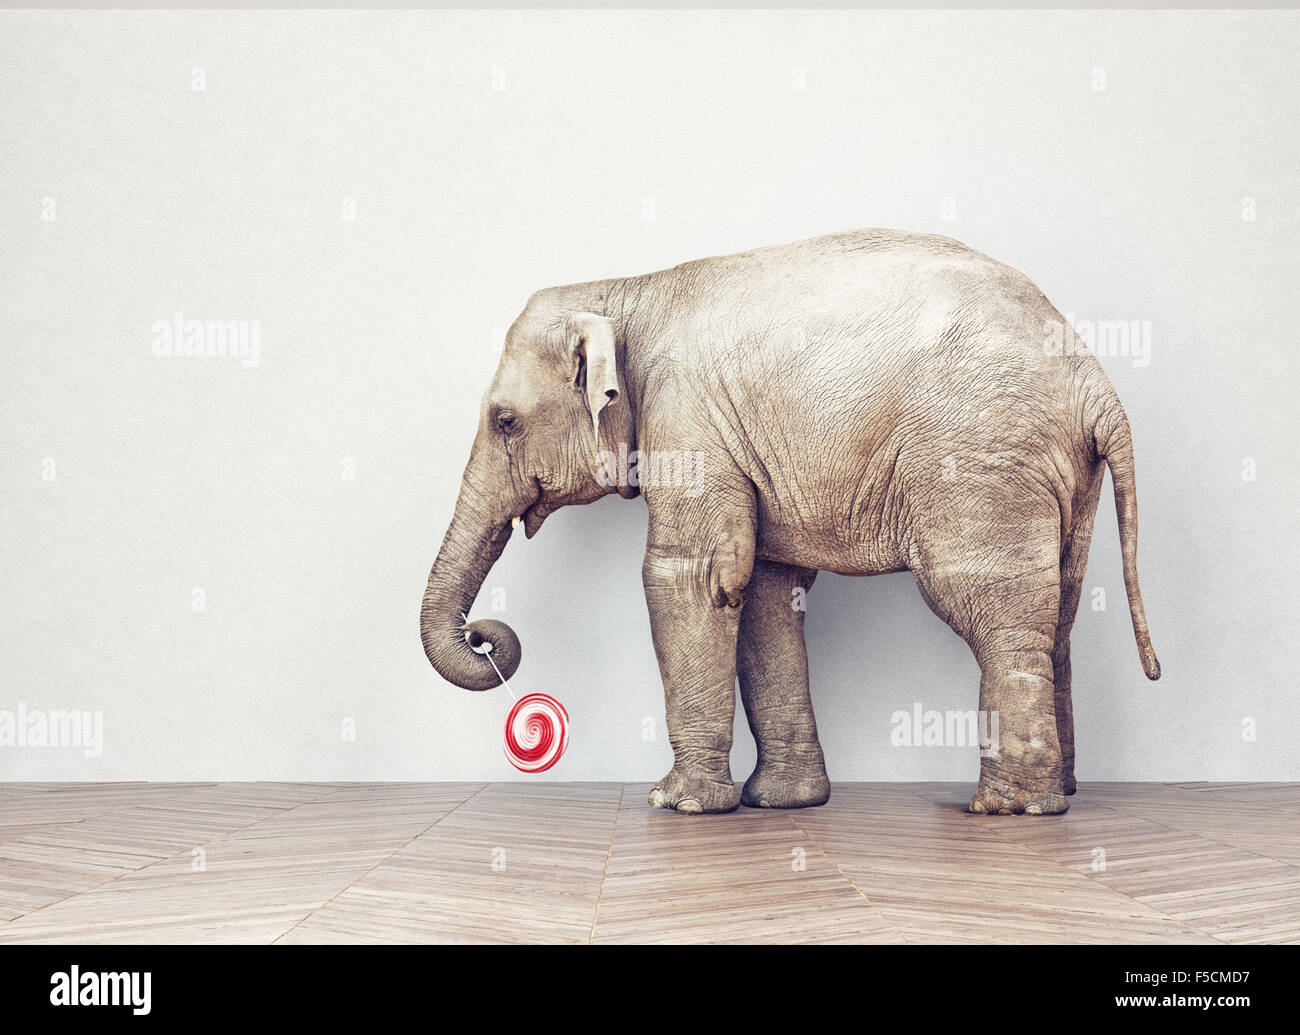 Un éléphant dans la chambre calme près de mur blanc. Concept créatif Photo Stock